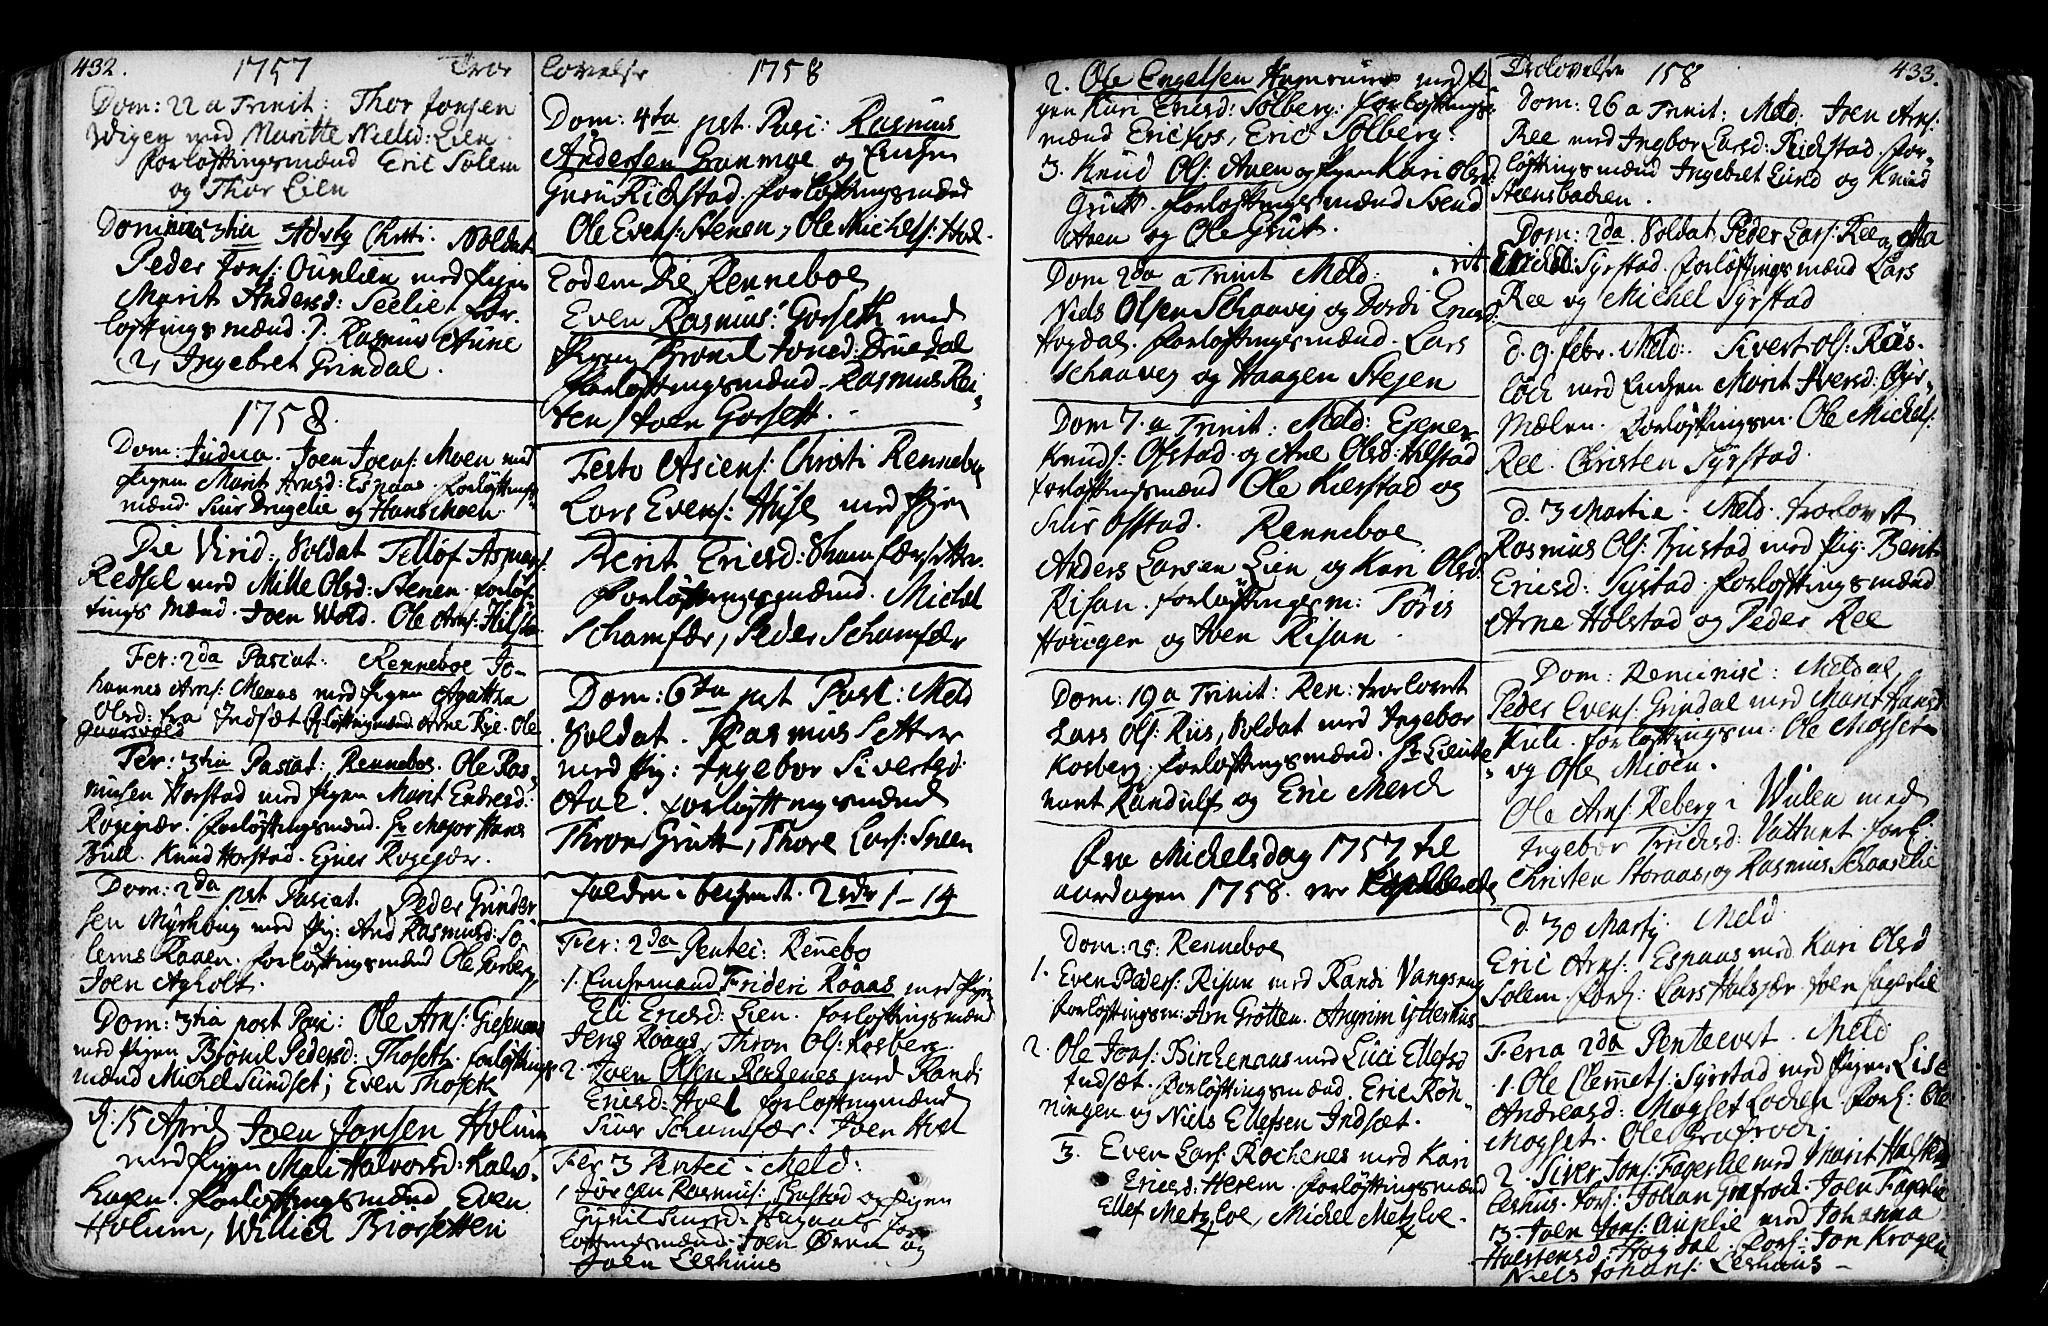 SAT, Ministerialprotokoller, klokkerbøker og fødselsregistre - Sør-Trøndelag, 672/L0851: Ministerialbok nr. 672A04, 1751-1775, s. 432-433